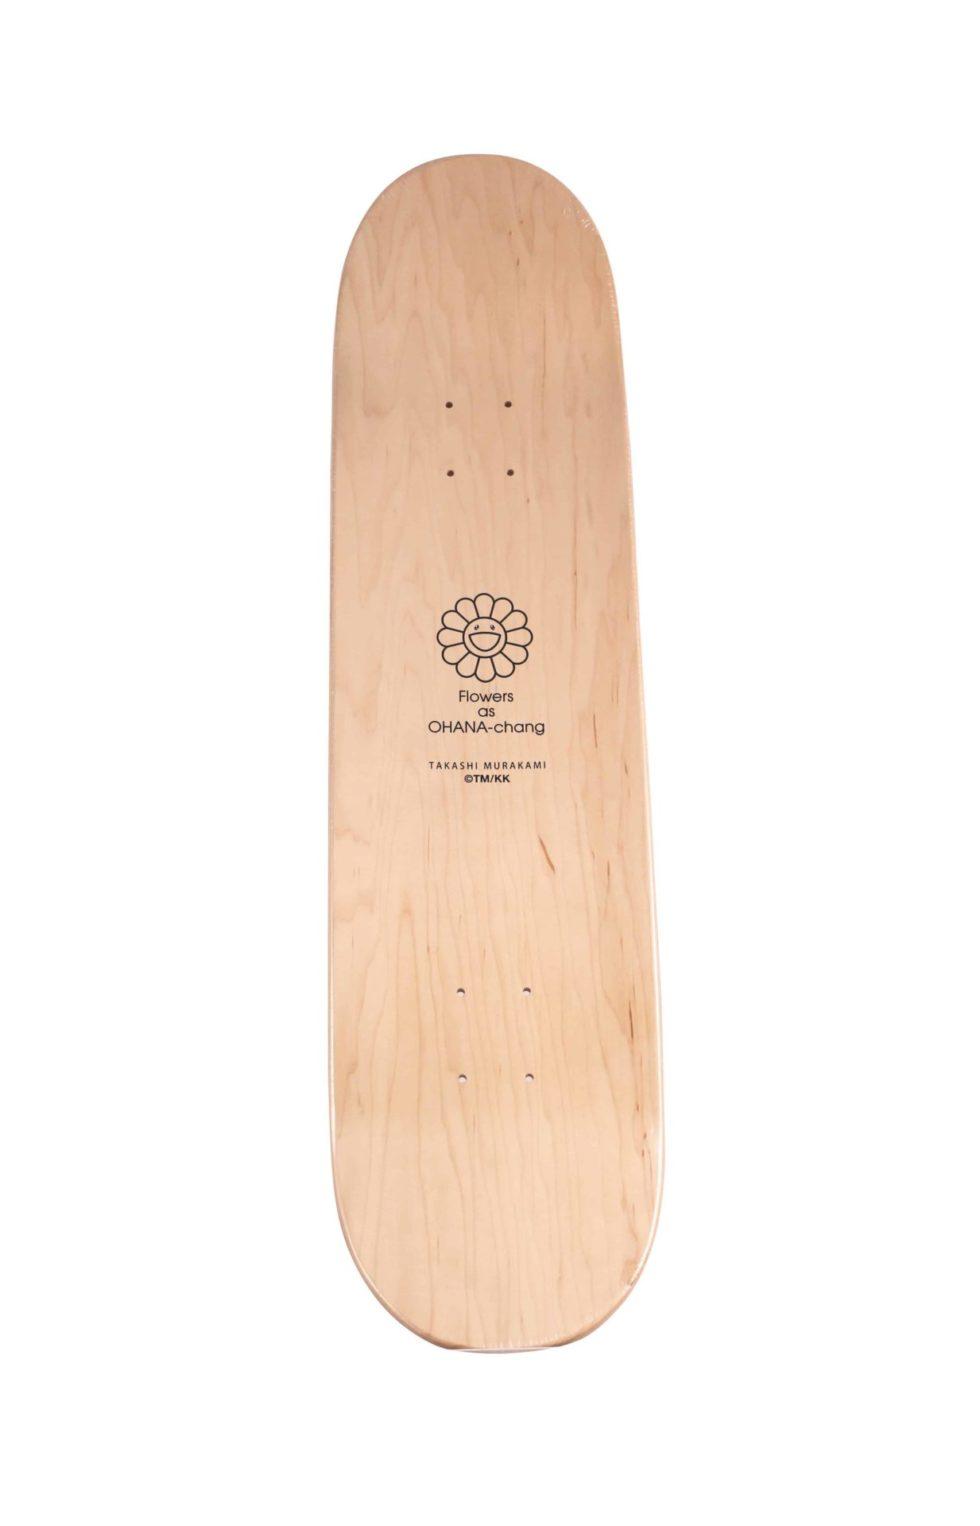 Lot #8814 – Takashi Murakami Red Flowers as Ohana-Chang Skateboard Deck Skateboard Decks Murakami Flowers as Ohana-Chang